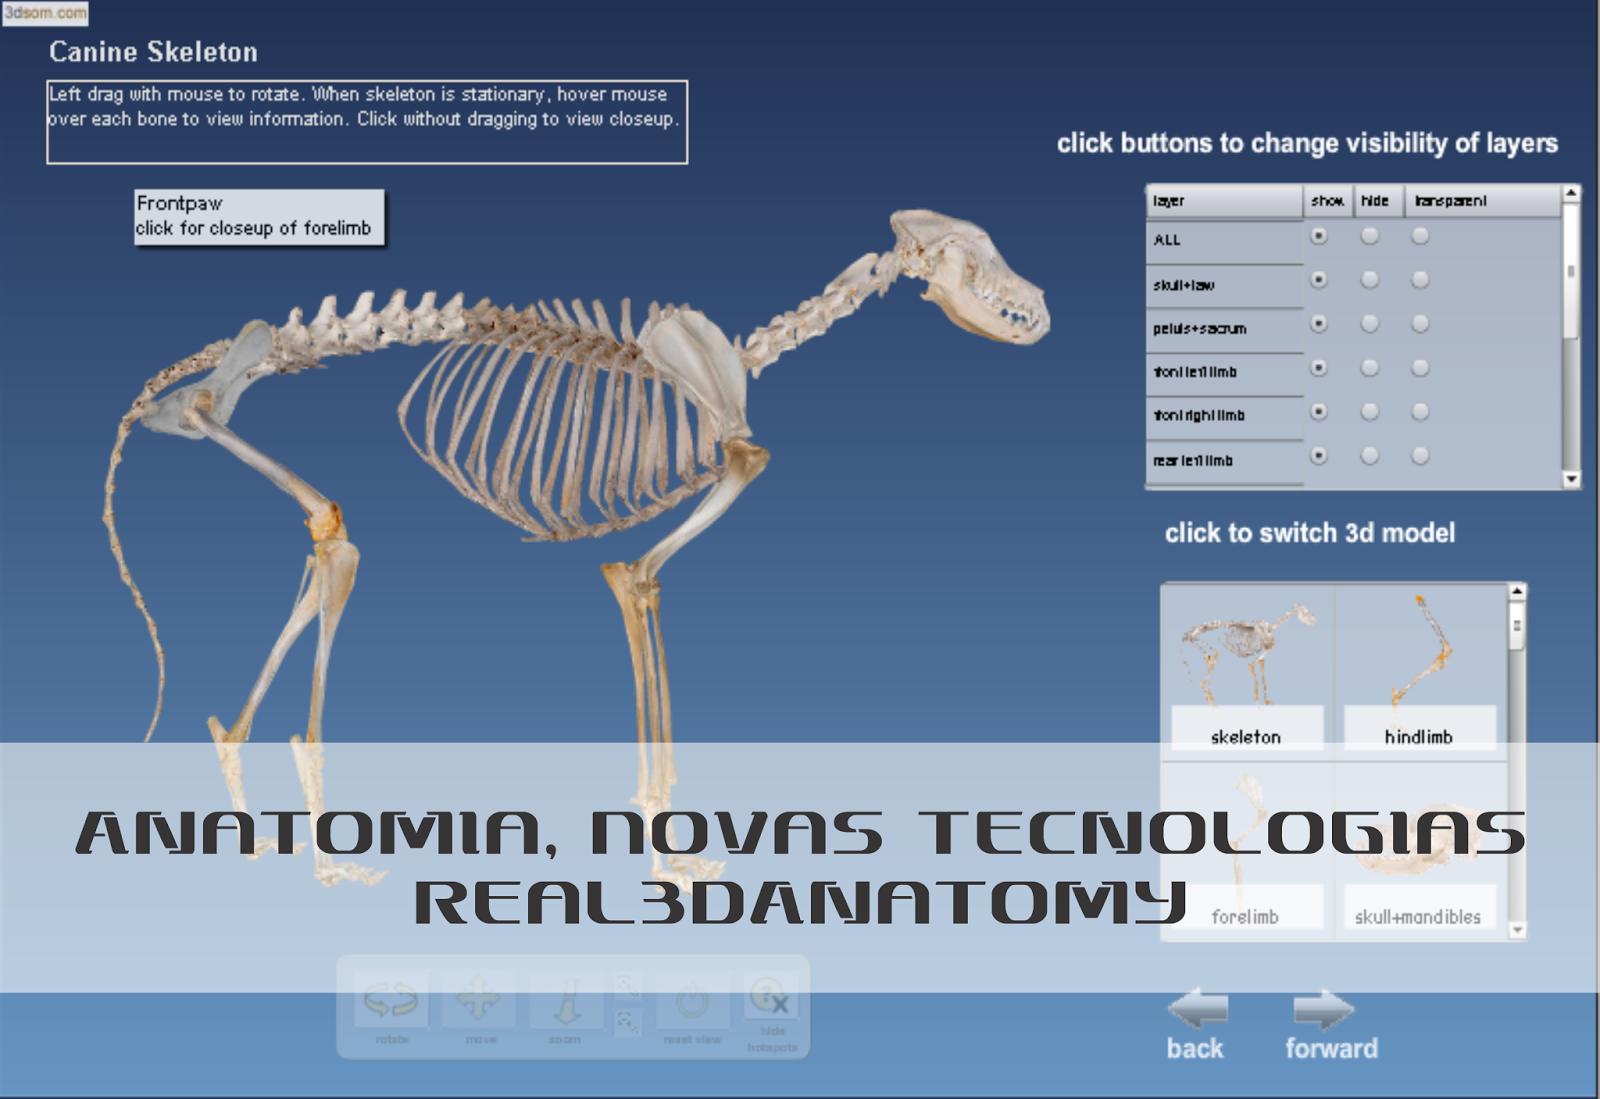 Anatomia Canina, Novas Tecnologias   Medicina Veterinária - INTA